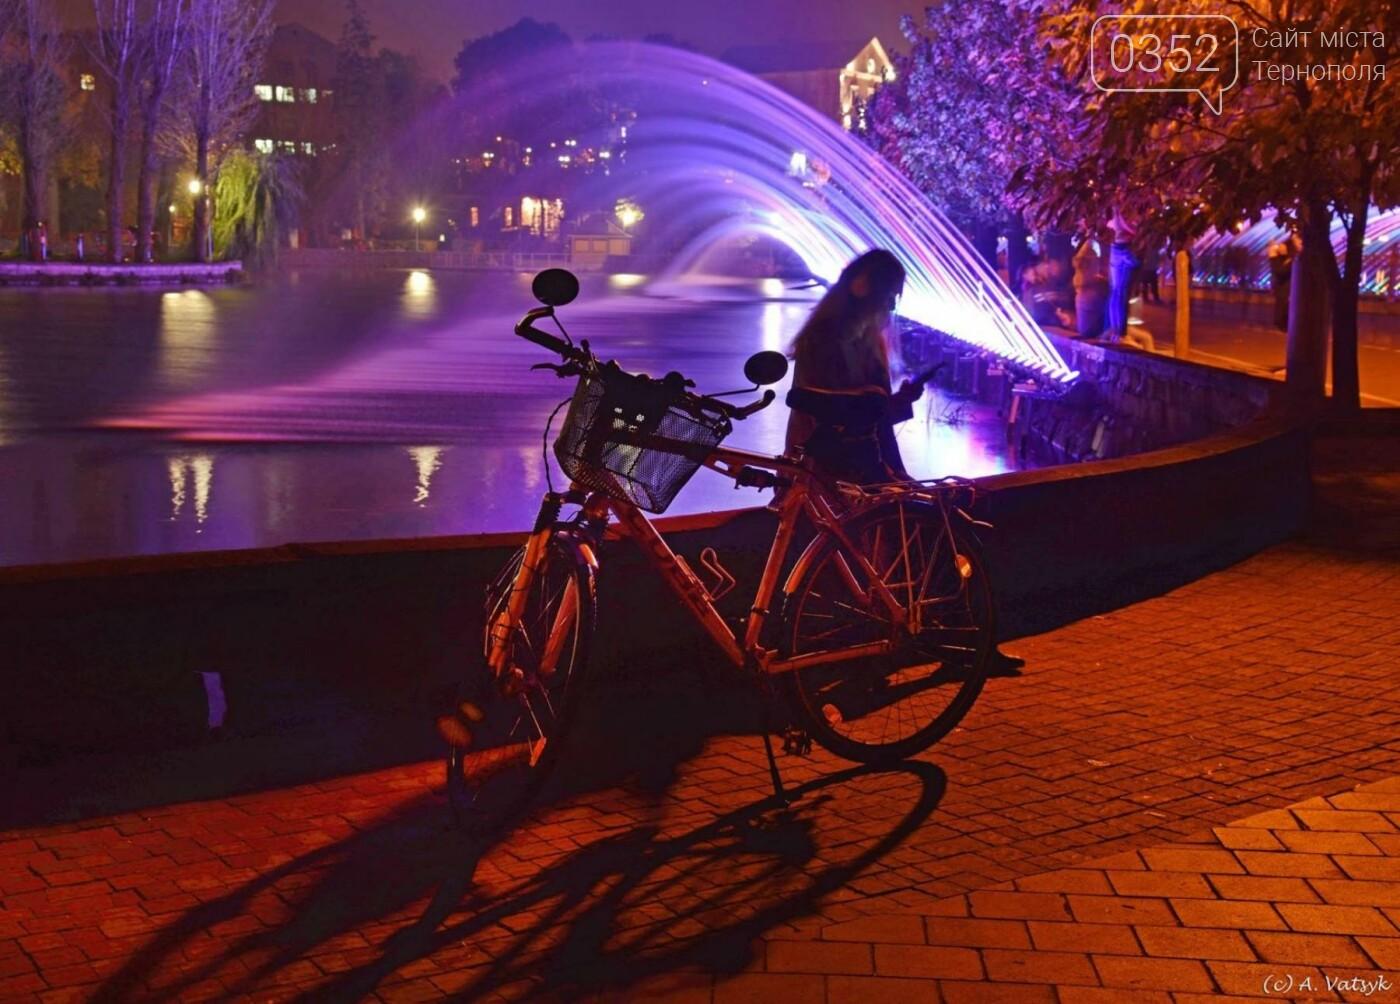 Із красивими світлинами на фоні аераційних фонтанів тернополянам варто поспішити (фото), фото-1